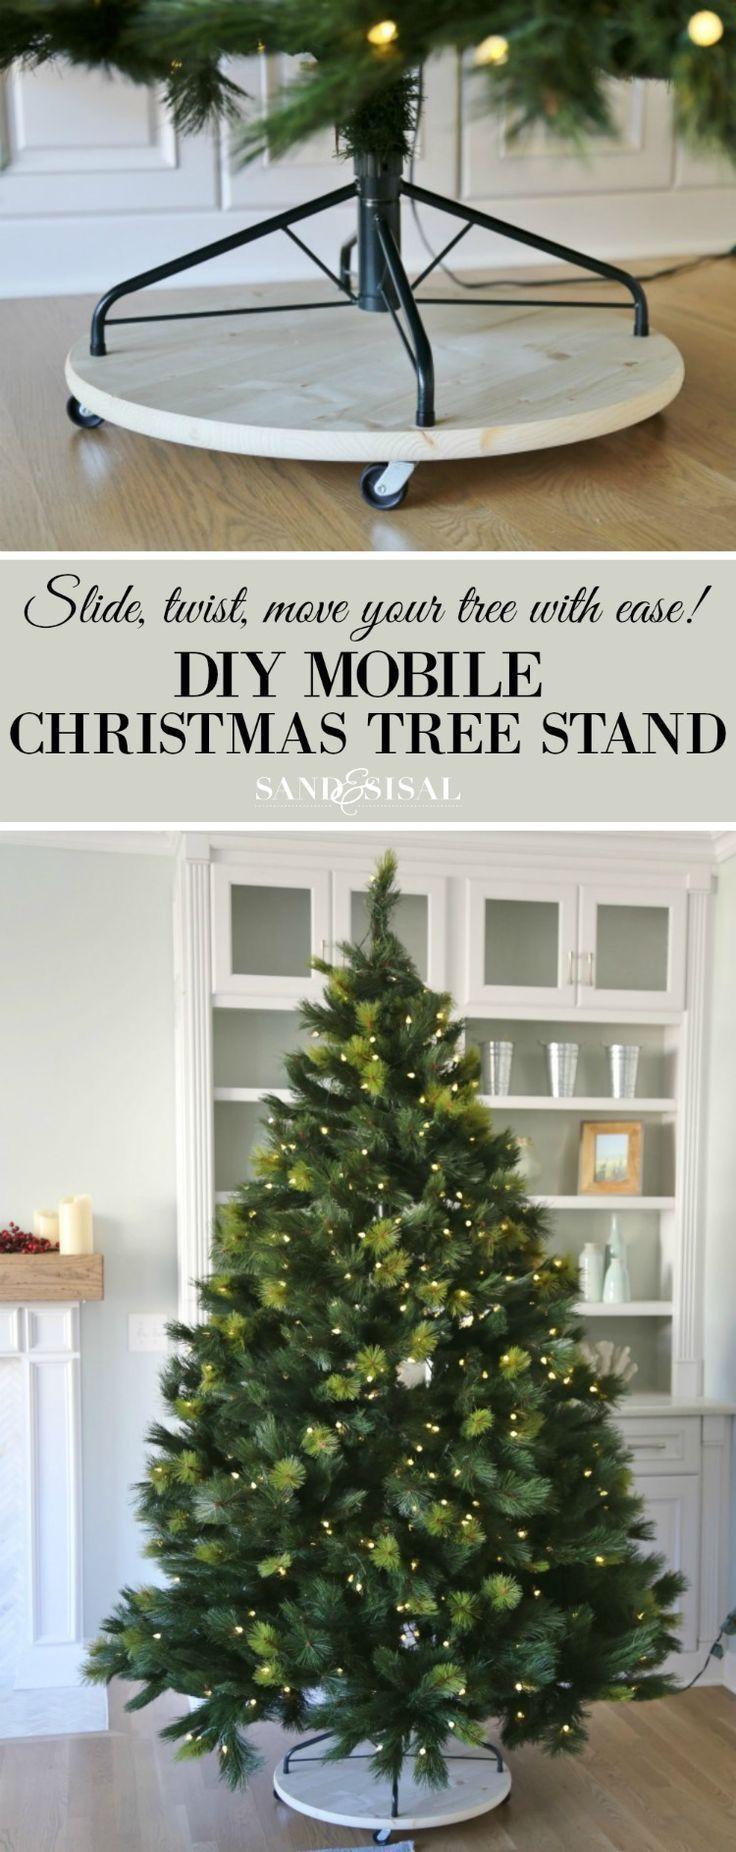 Christmas Tree image by Susan Saberon Creative christmas